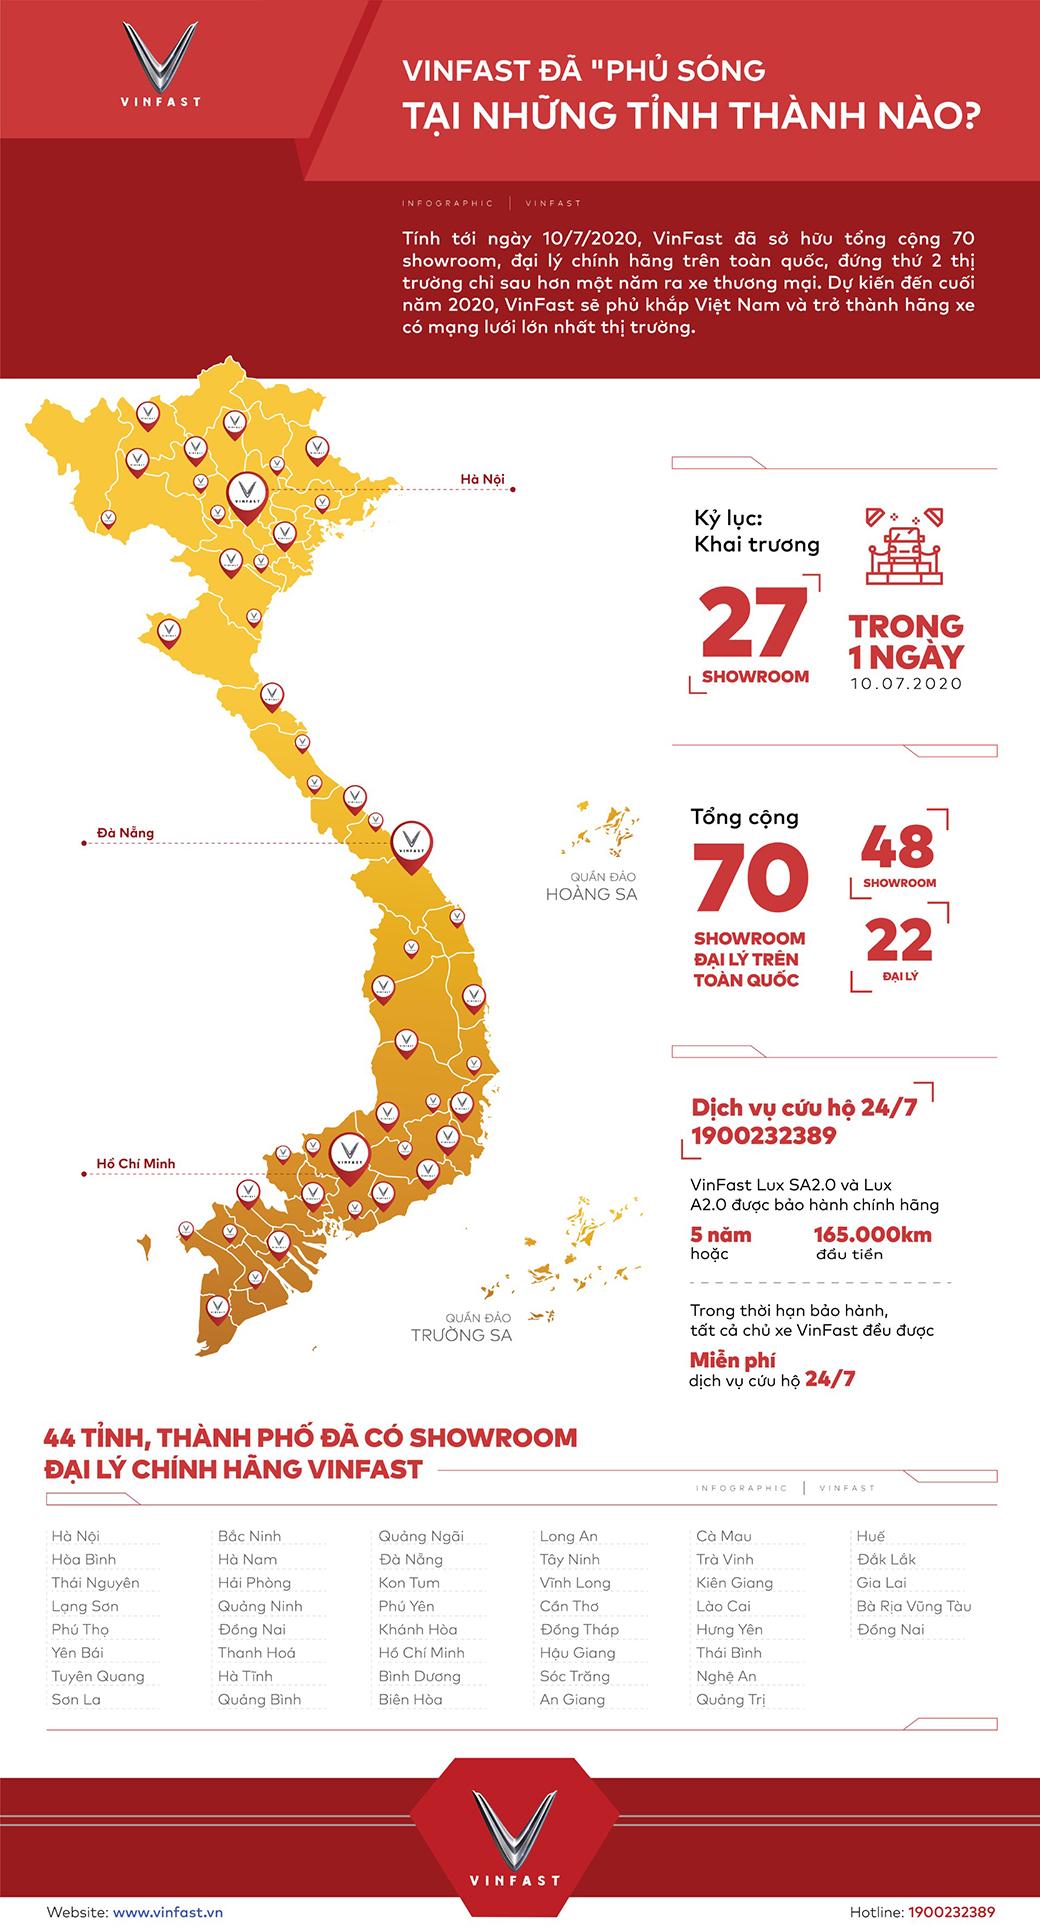 """Infographic: VinFast đã """"phủ sóng"""" tại những tỉnh, thành nào? - 1"""